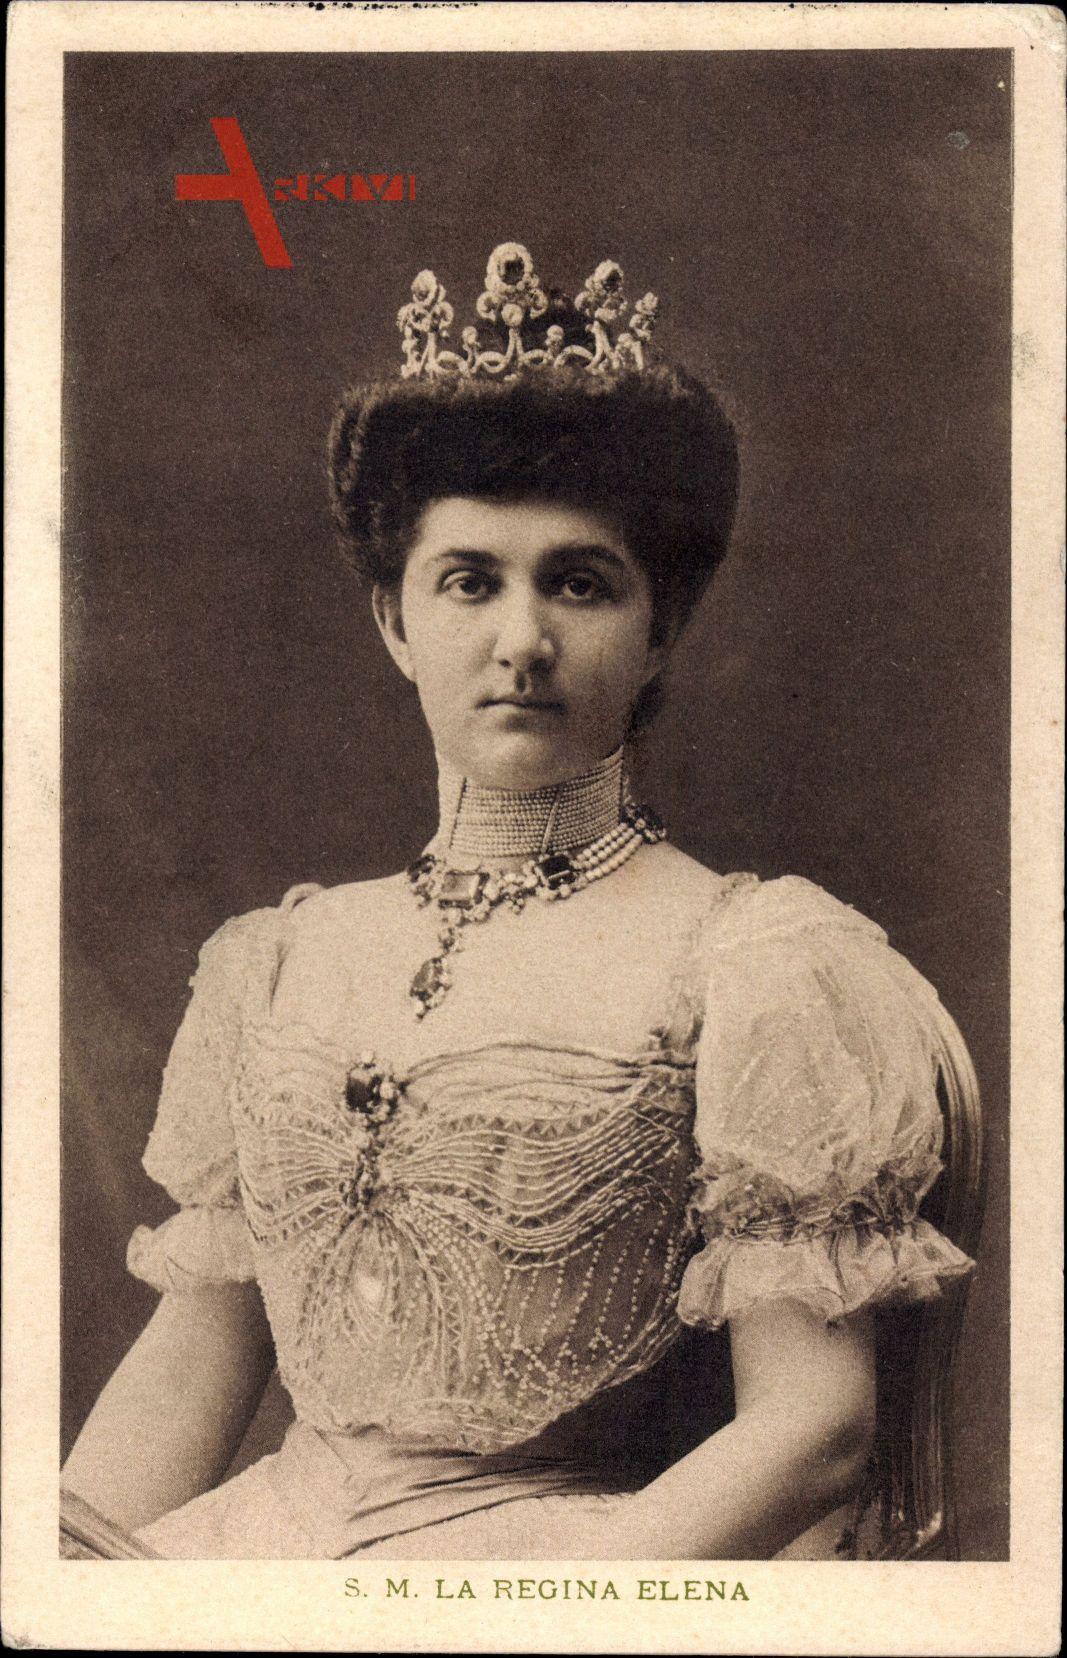 Königin Helena von Italien, Elena von Montenegro, Sitzportrait